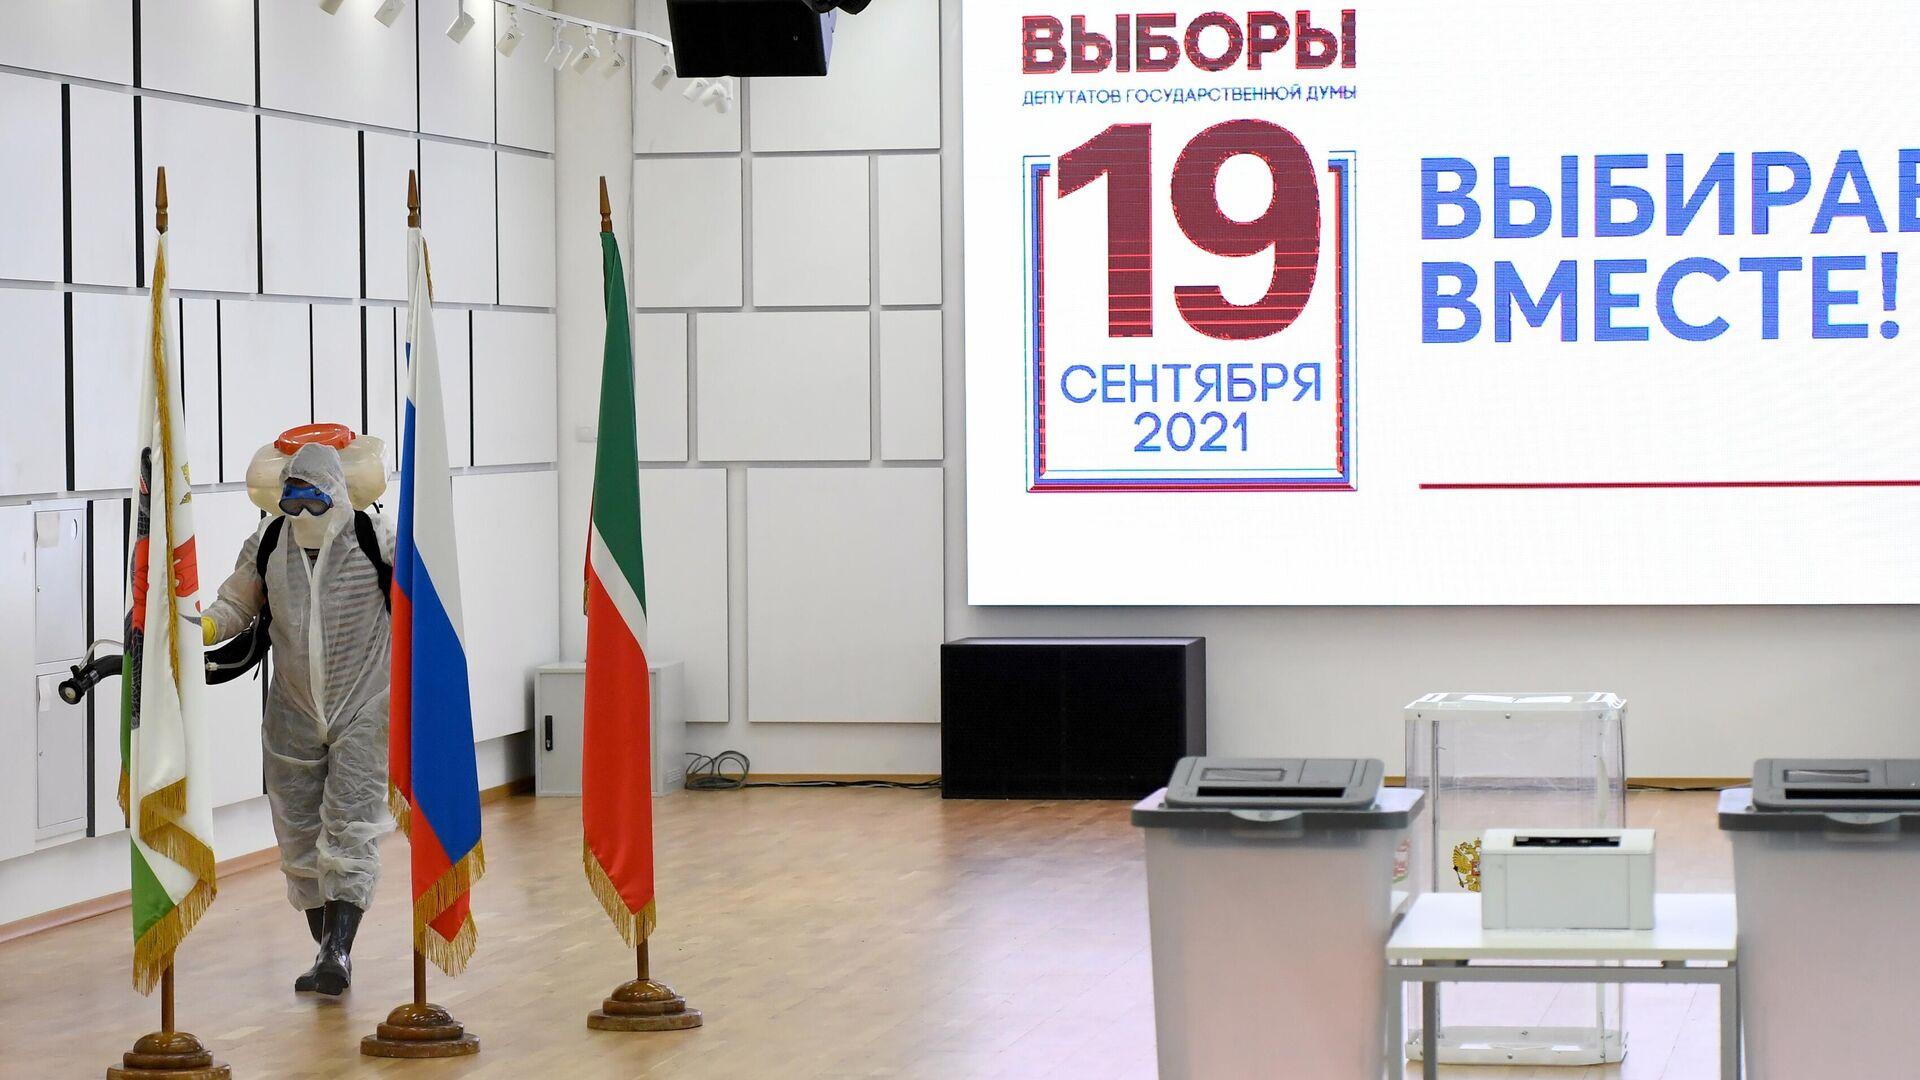 Обработка помещения во время презентации работы участковой избирательной комиссии - РИА Новости, 1920, 15.09.2021